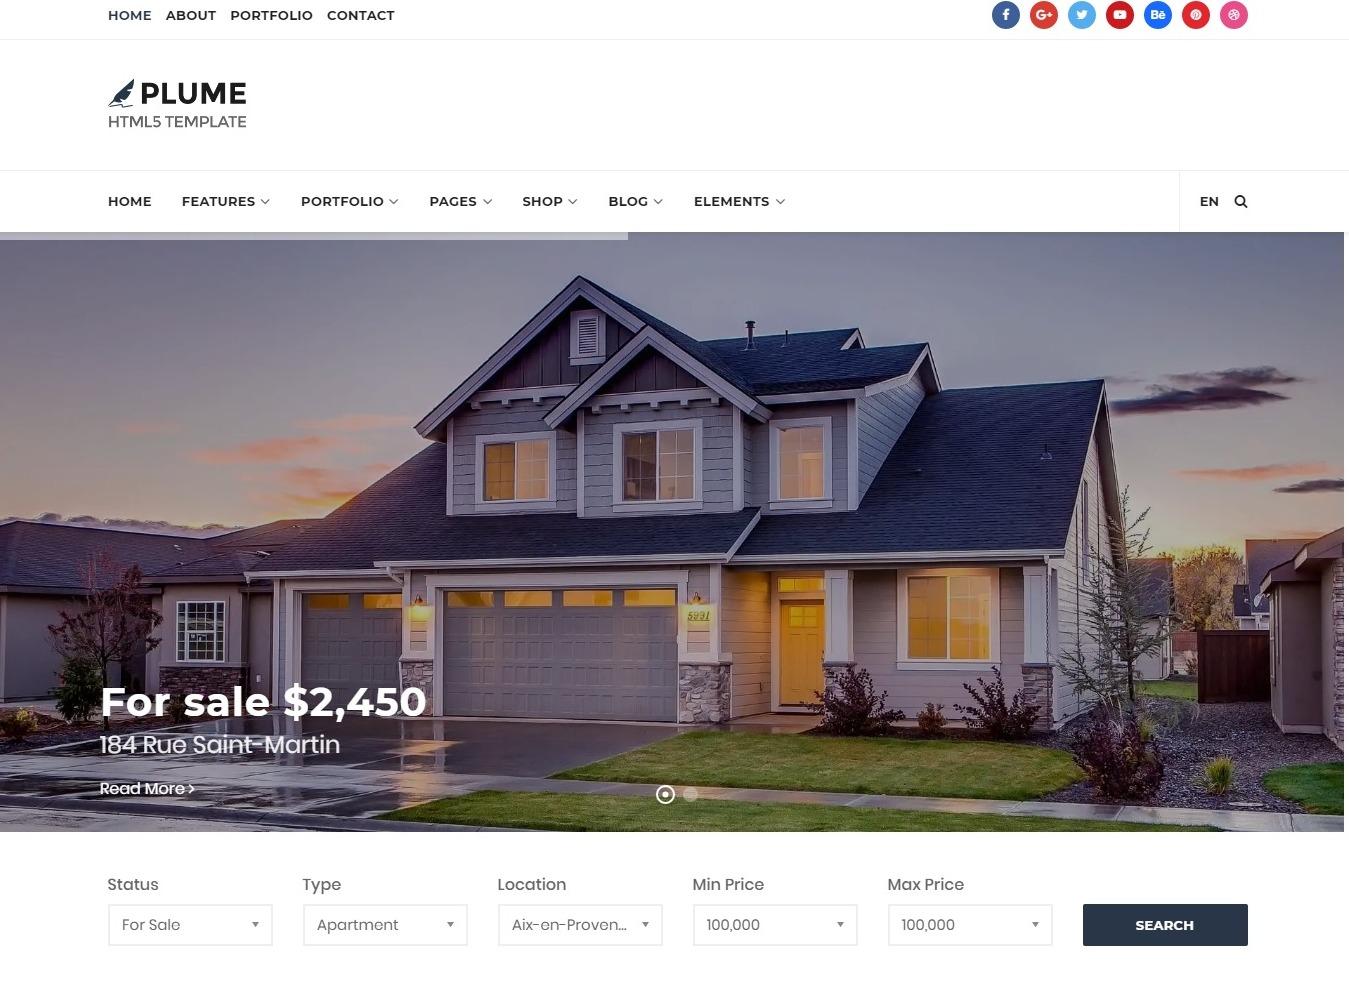 premium-real-estate-website-template-plume